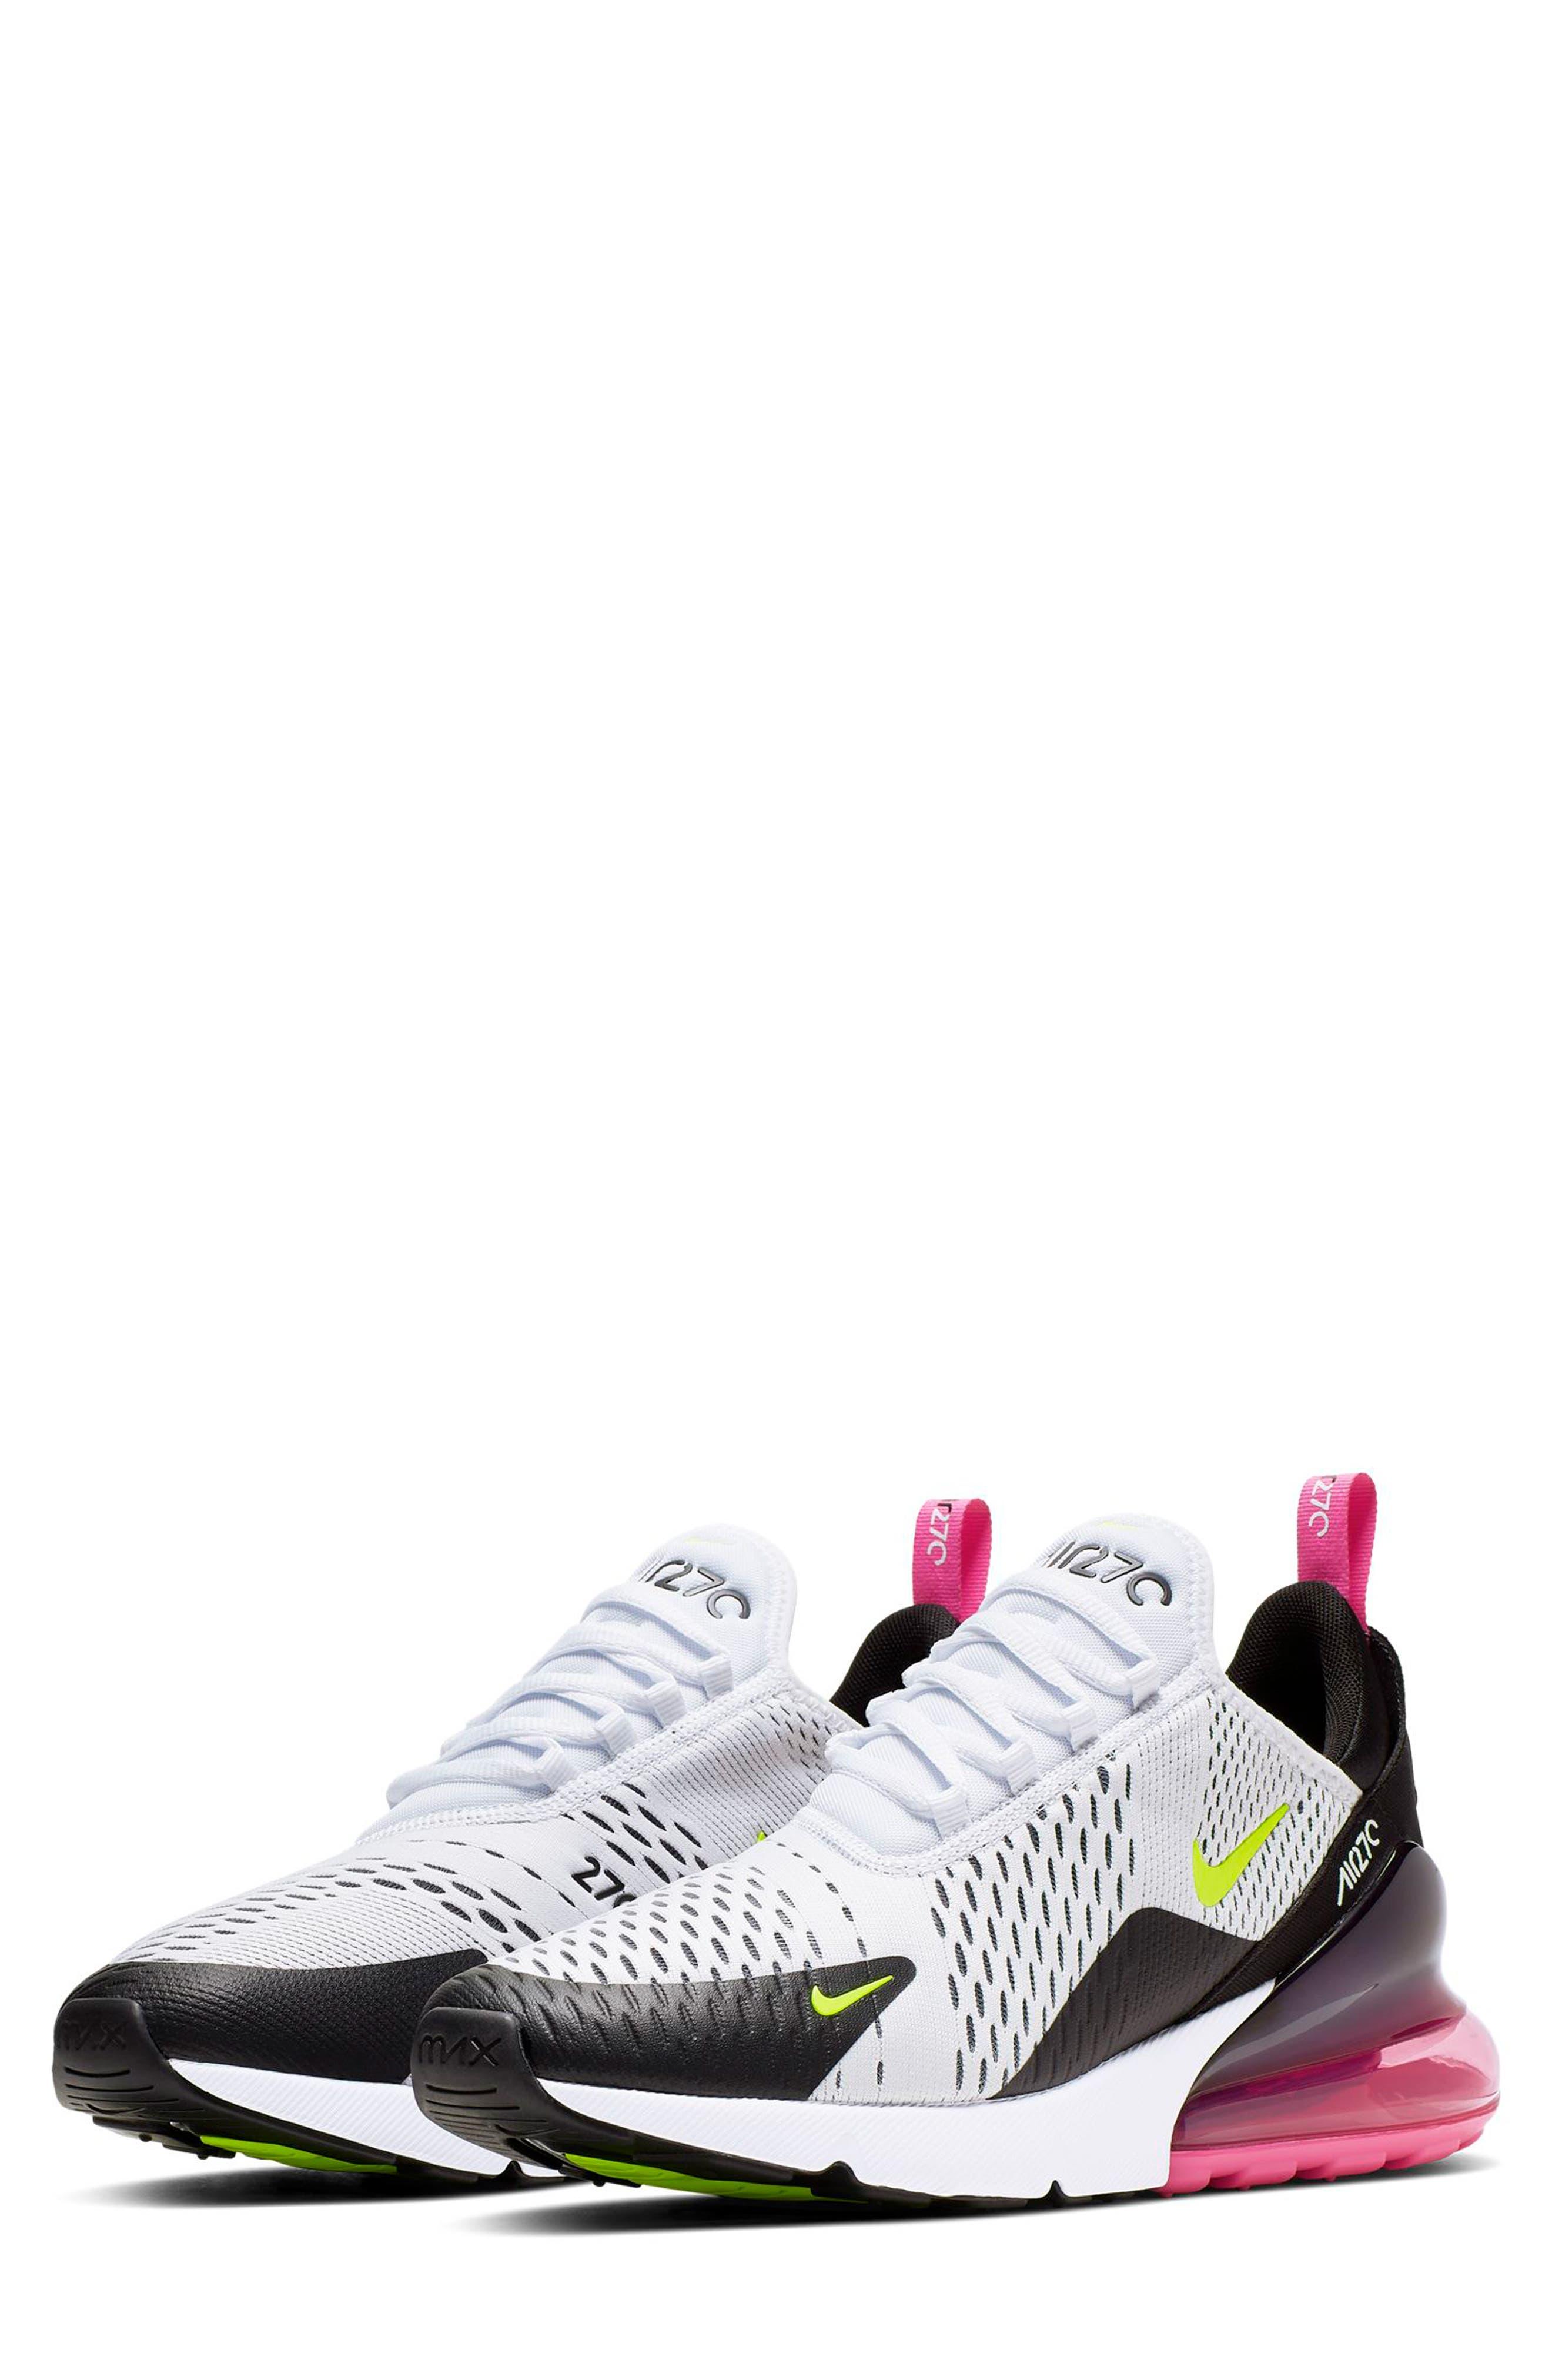 NIKE, Air Max 270 Sneaker, Main thumbnail 1, color, WHITE/ VOLT/ BLACK/ FUCHSIA